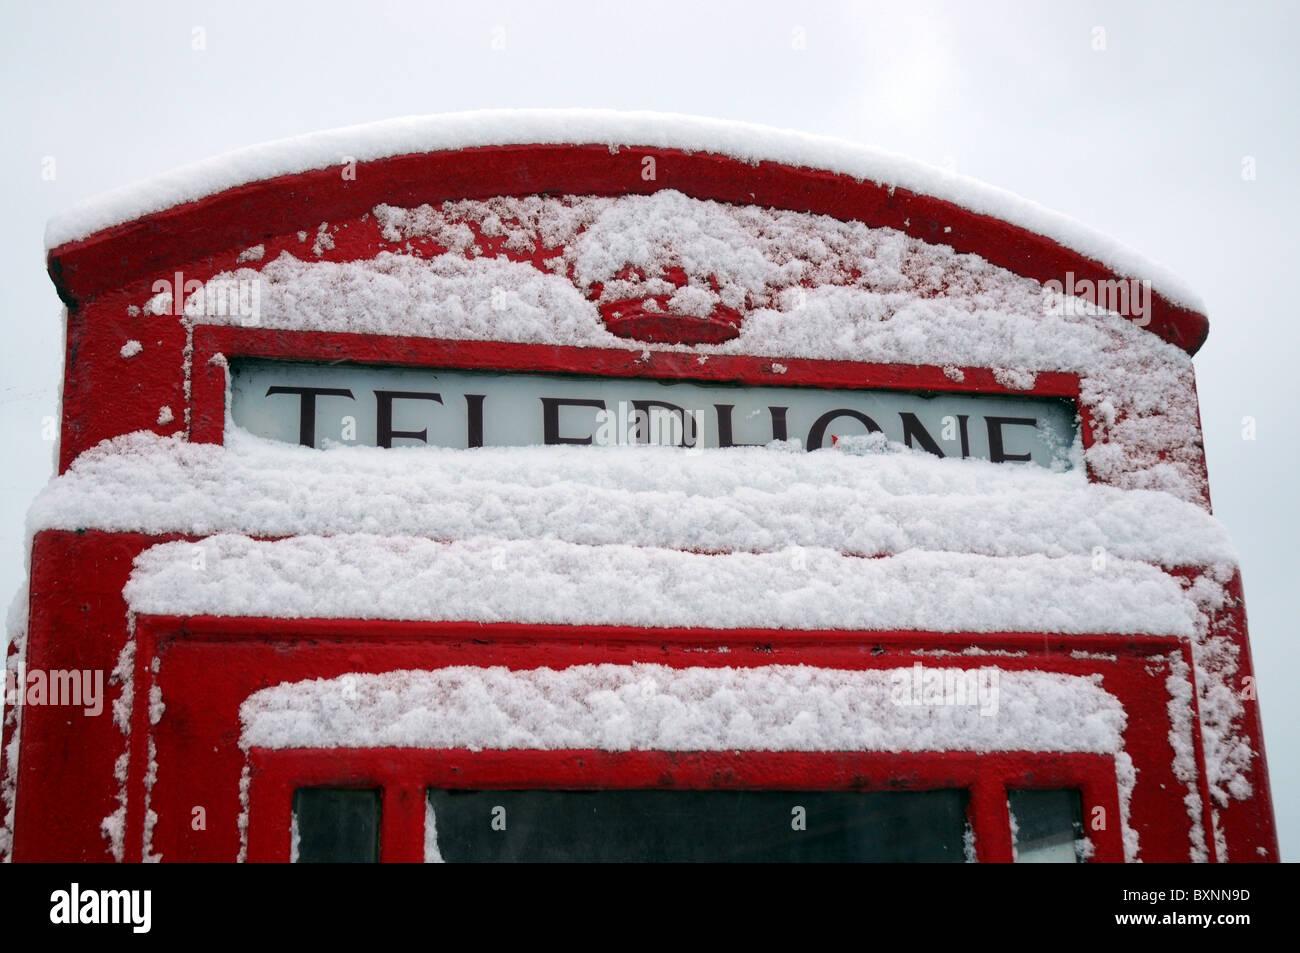 Neve su una cabina telefonica, REGNO UNITO Immagini Stock